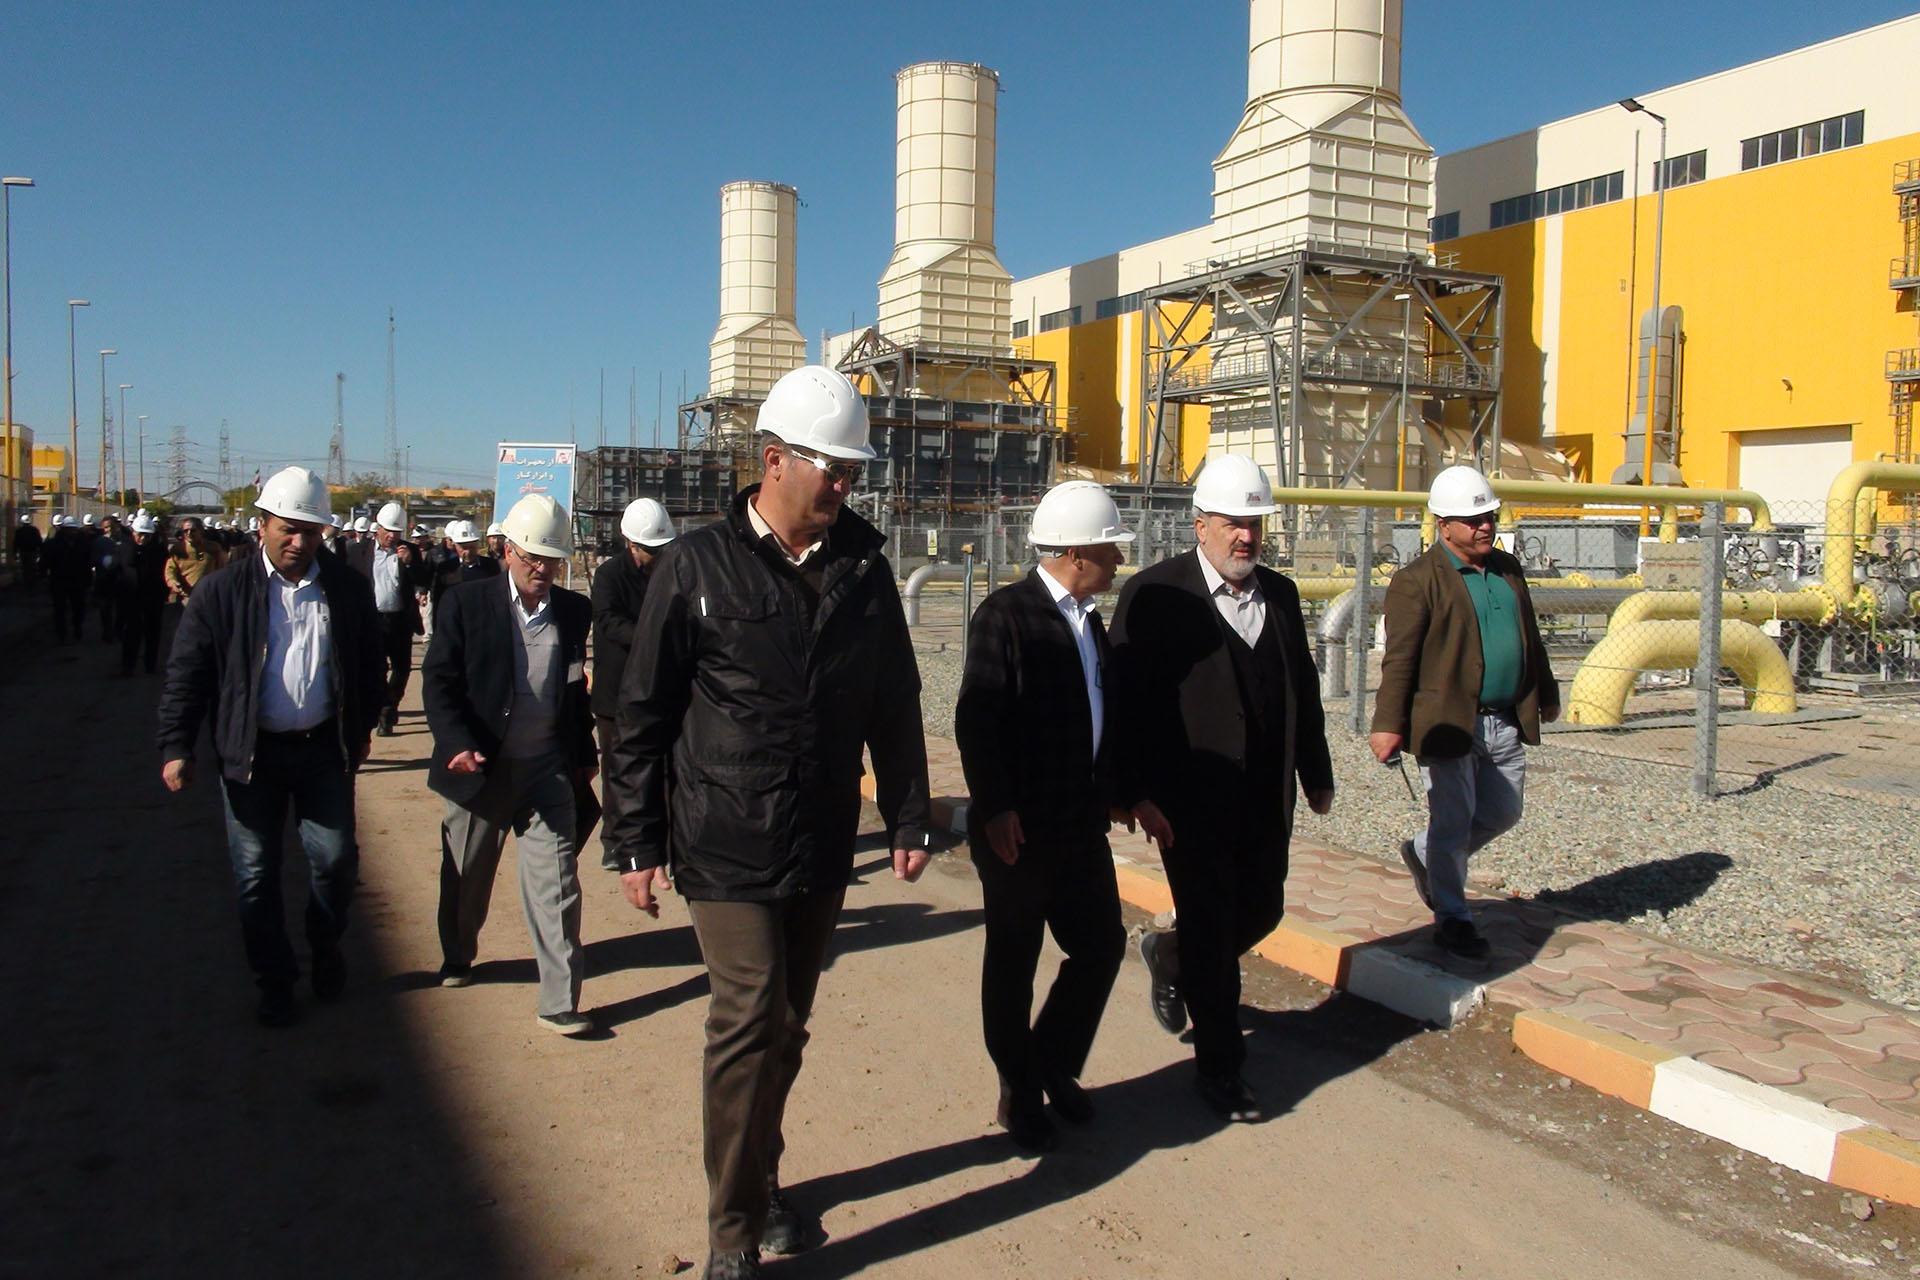 جلسه بررسی پیشرفت پروژه بخش بخار نیروگاه رودشور برگزار شد